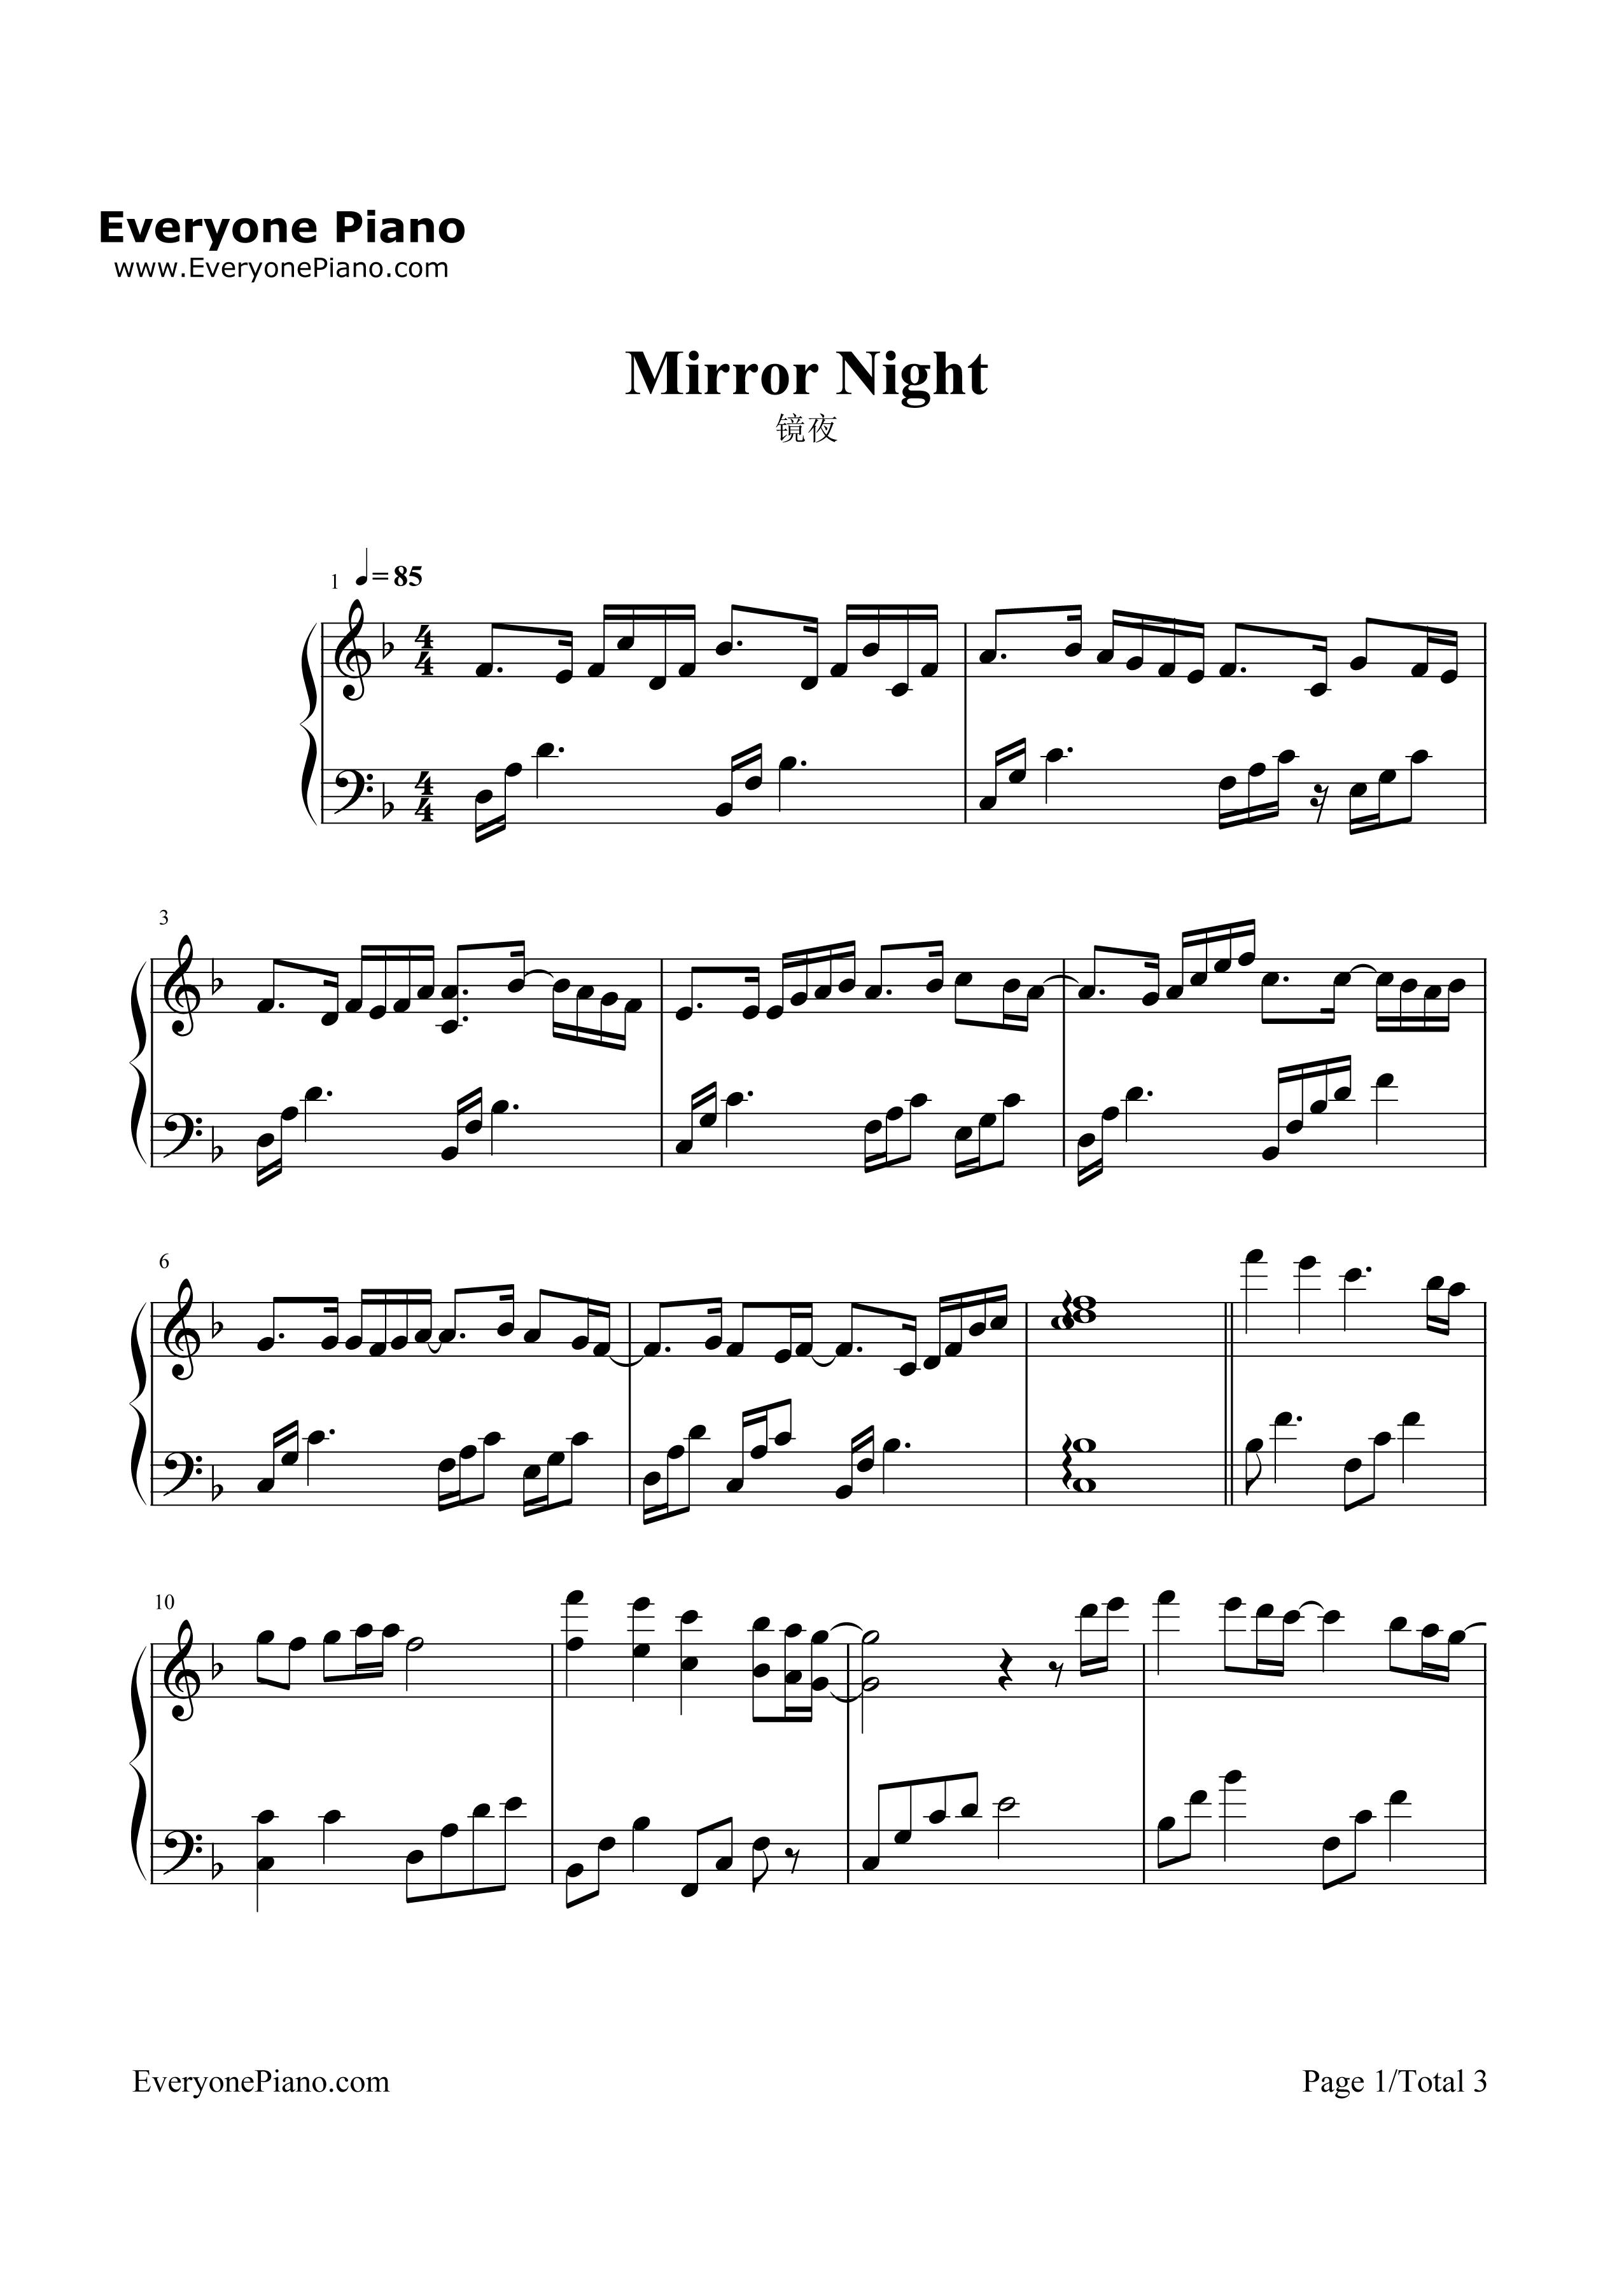 钢琴曲谱 流行 mirror night-reflection (mirror night)-镜夜 mirror